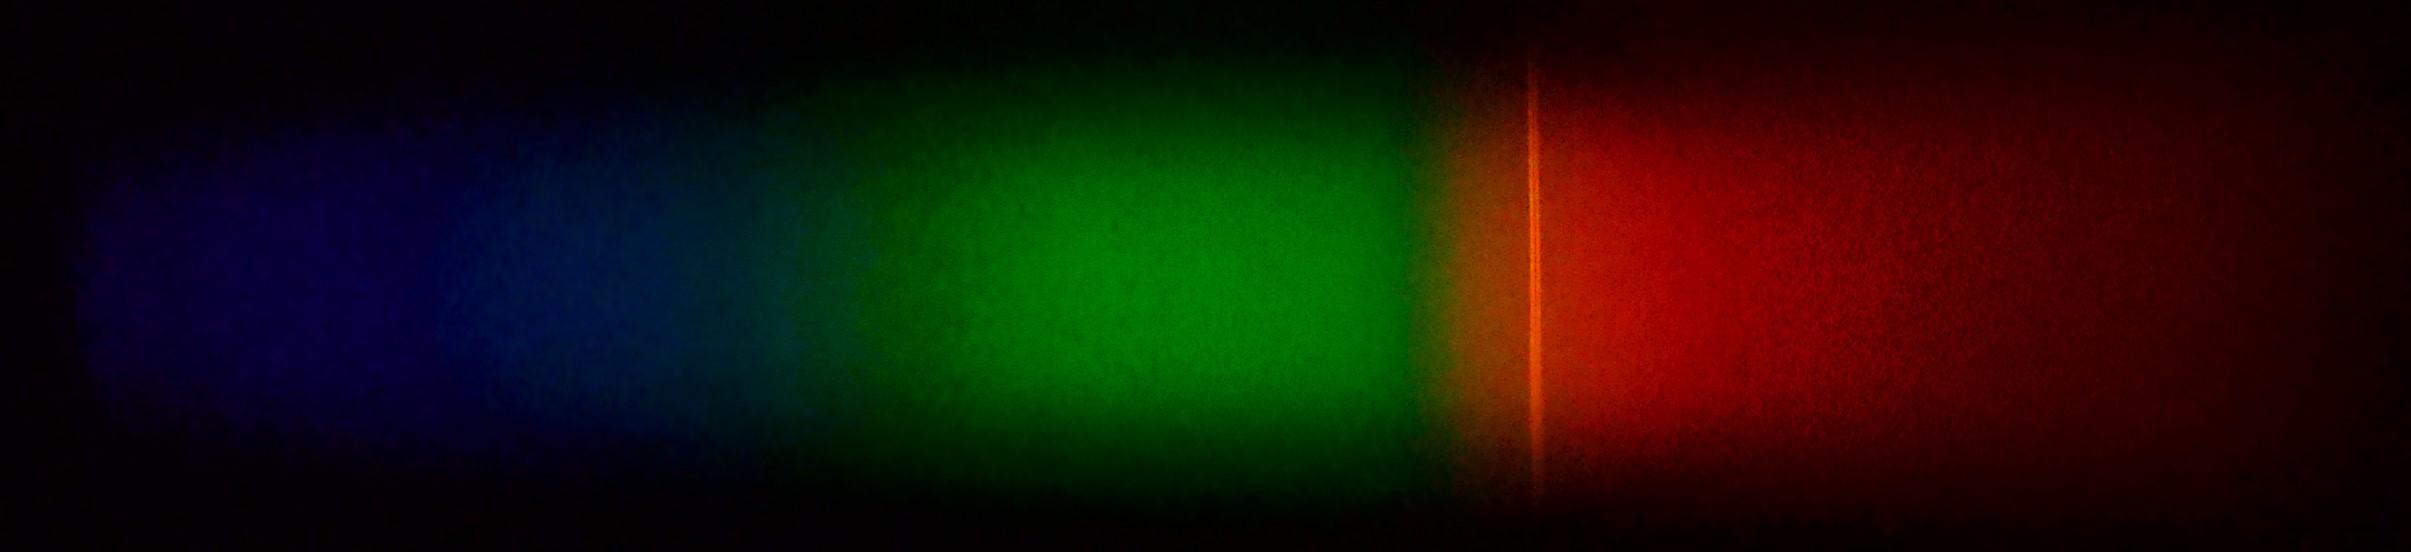 Я разжигал костер в камине и проводил исследования, фиксируя спектр пламени